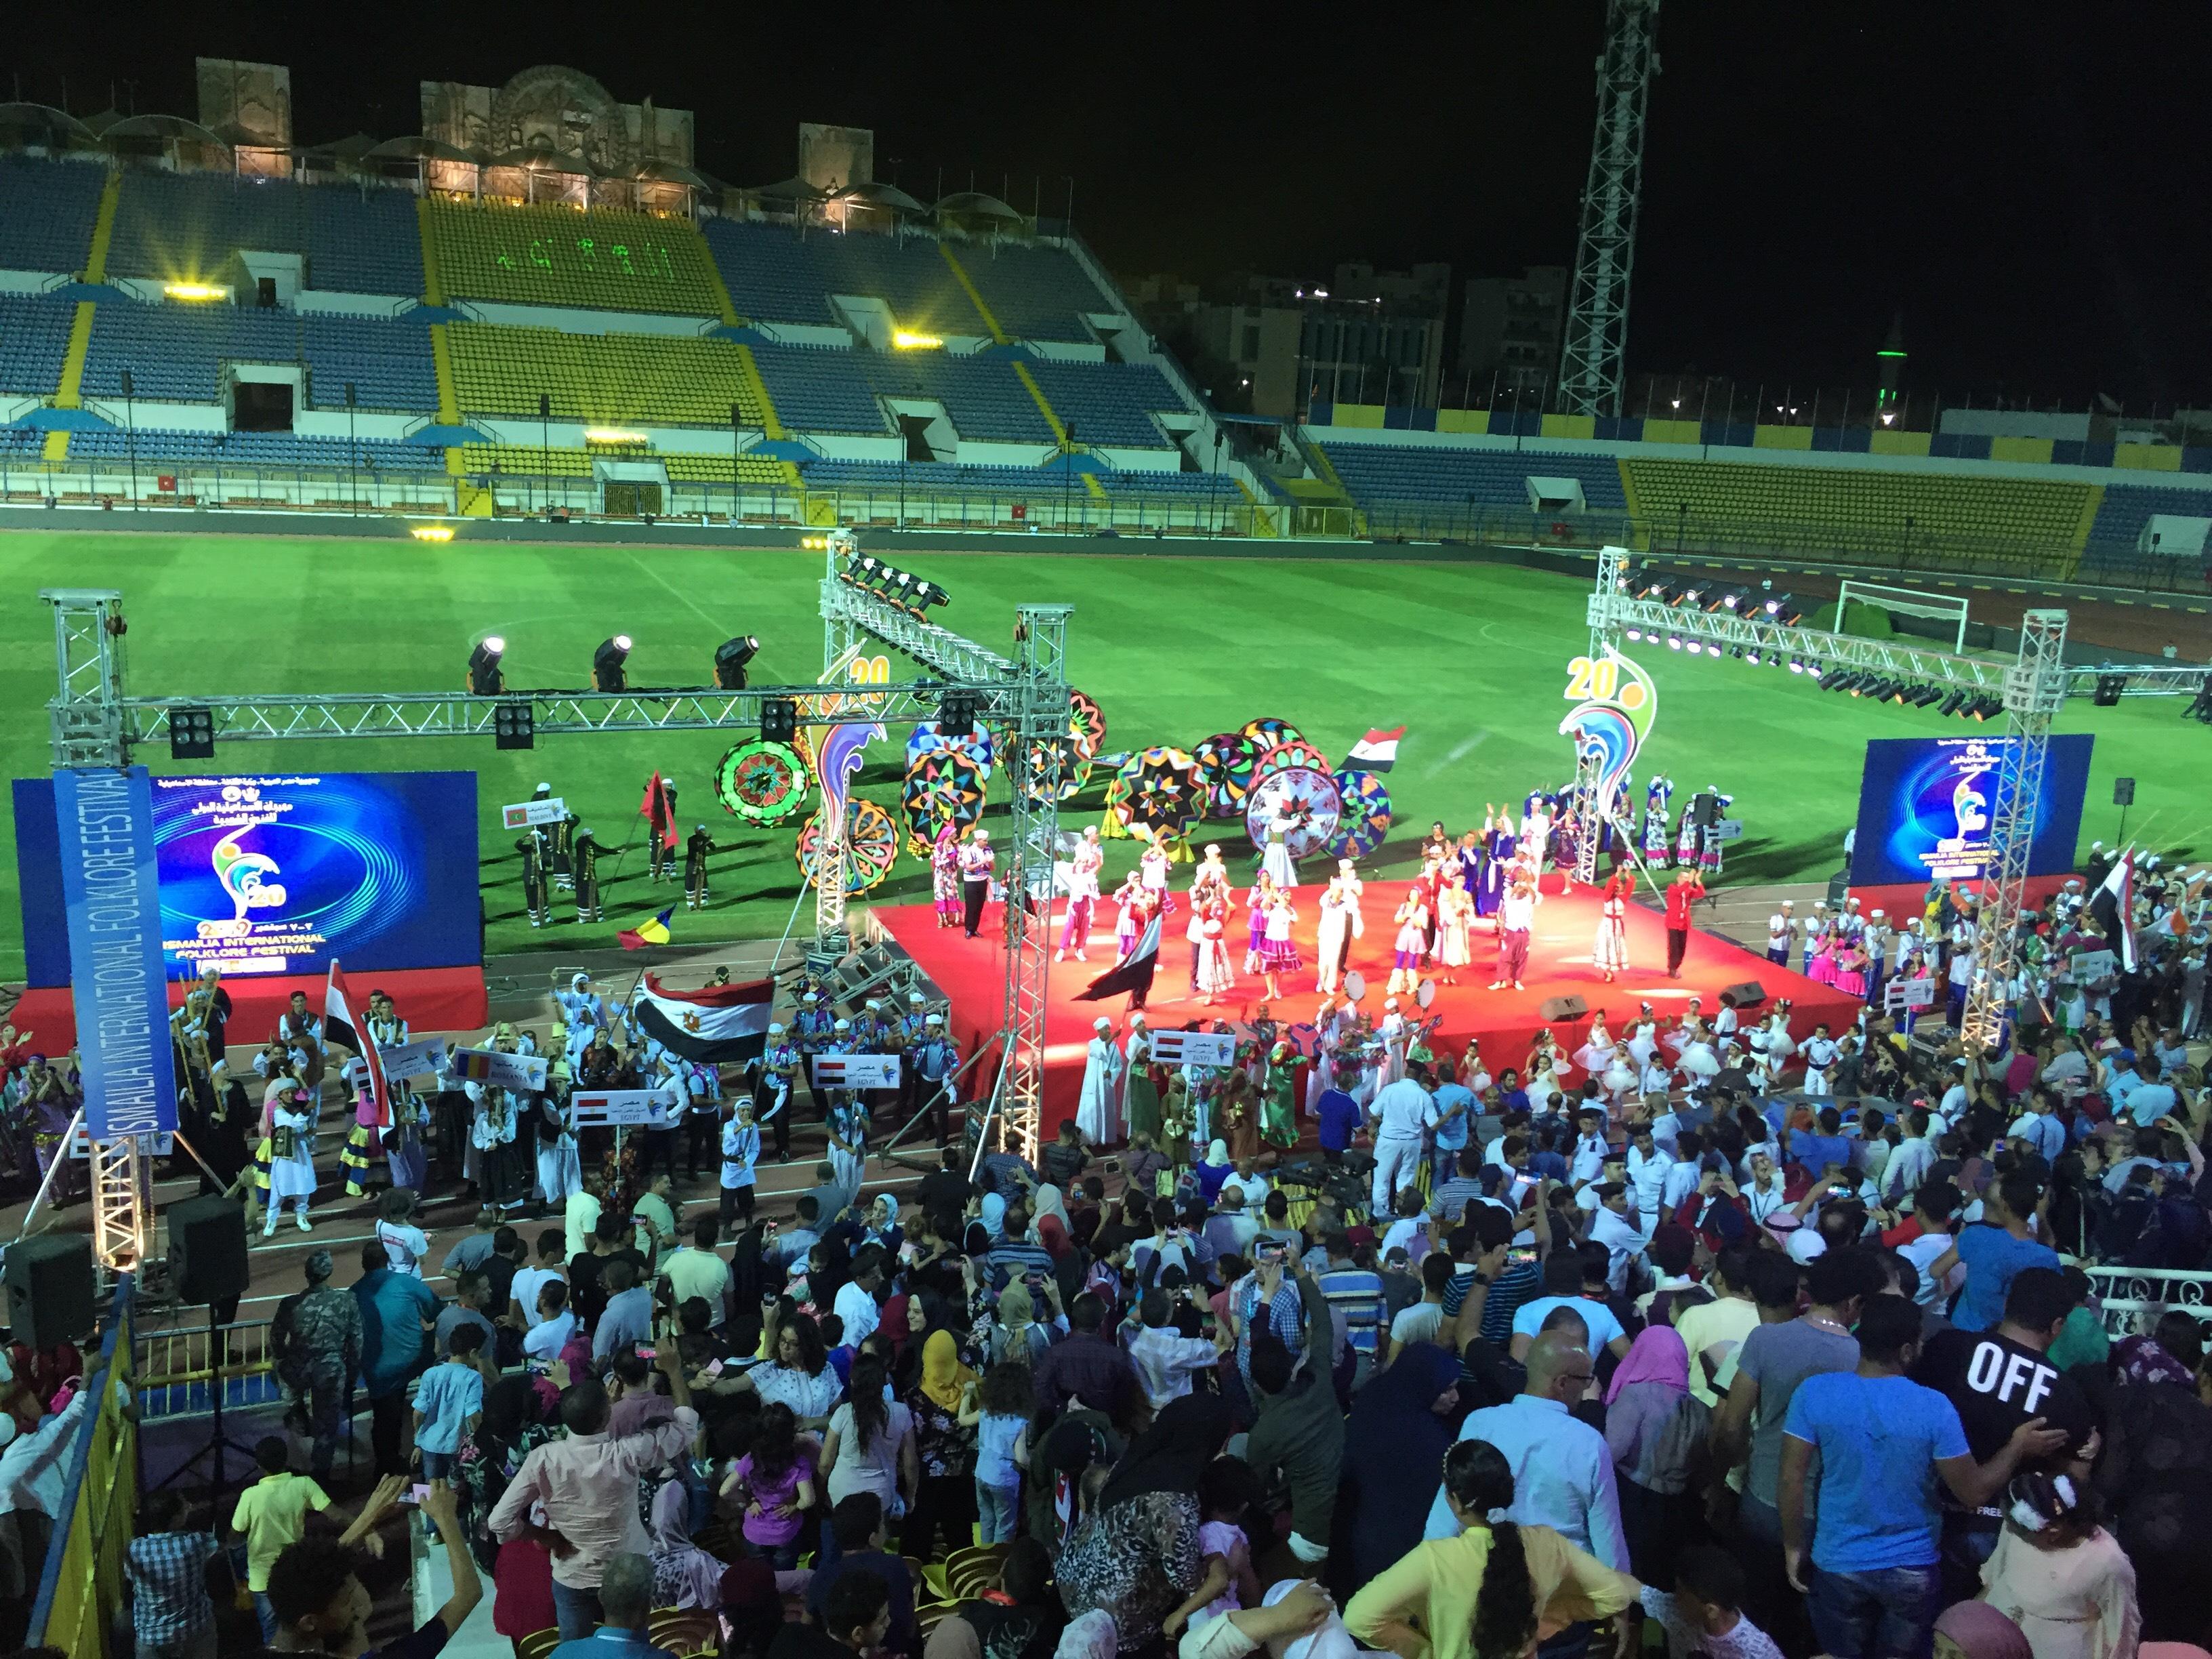 مهرجان الإسماعيلية الدولى العشرين للفنون الشعبية (13)